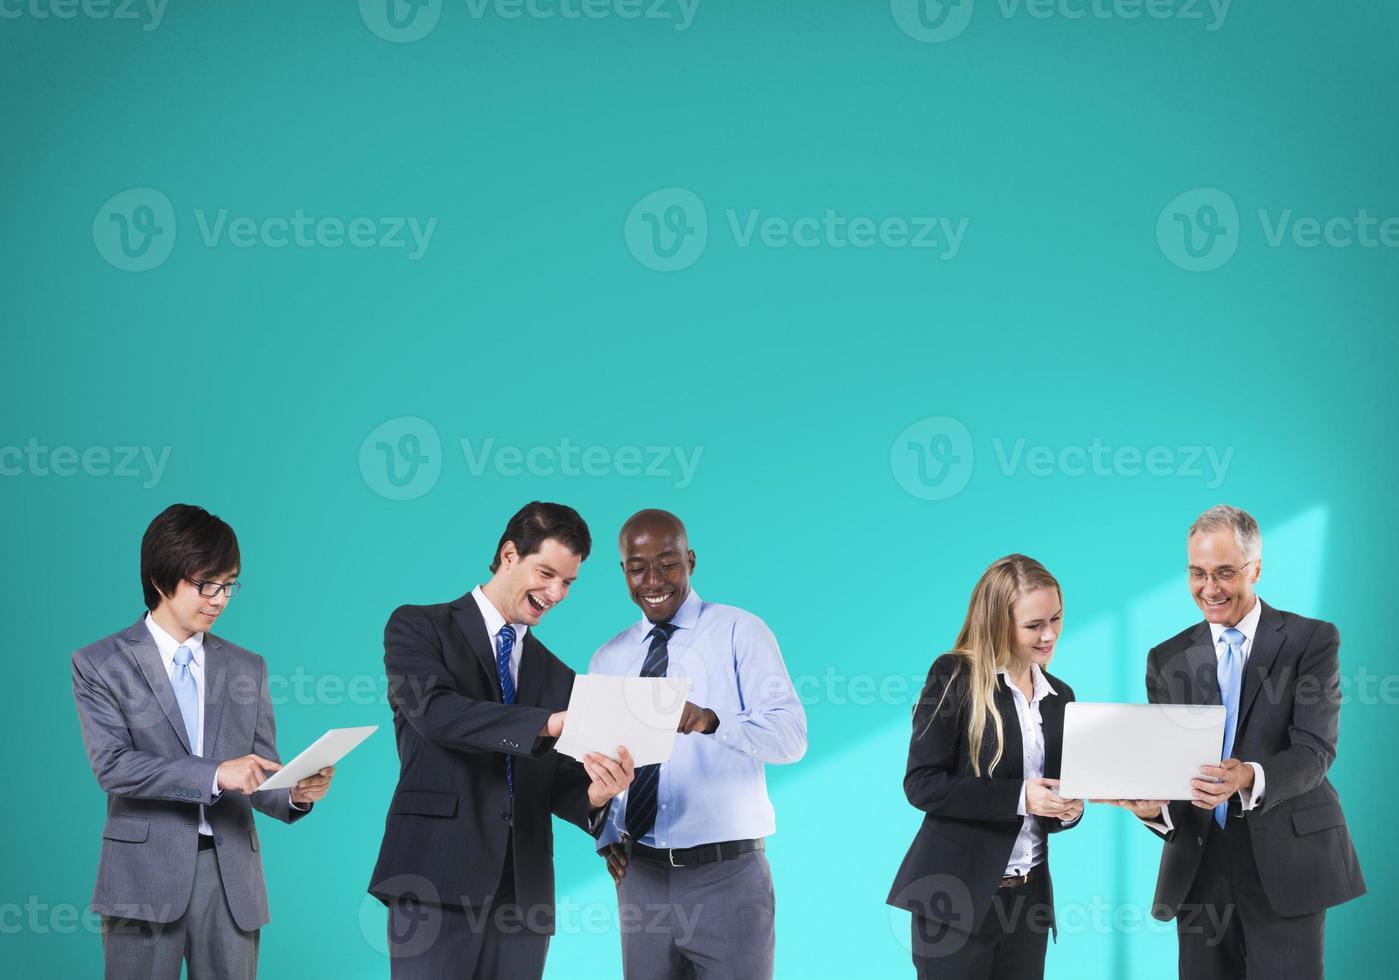 mensen uit het bedrijfsleven technologie netwerken verbinding team concept foto